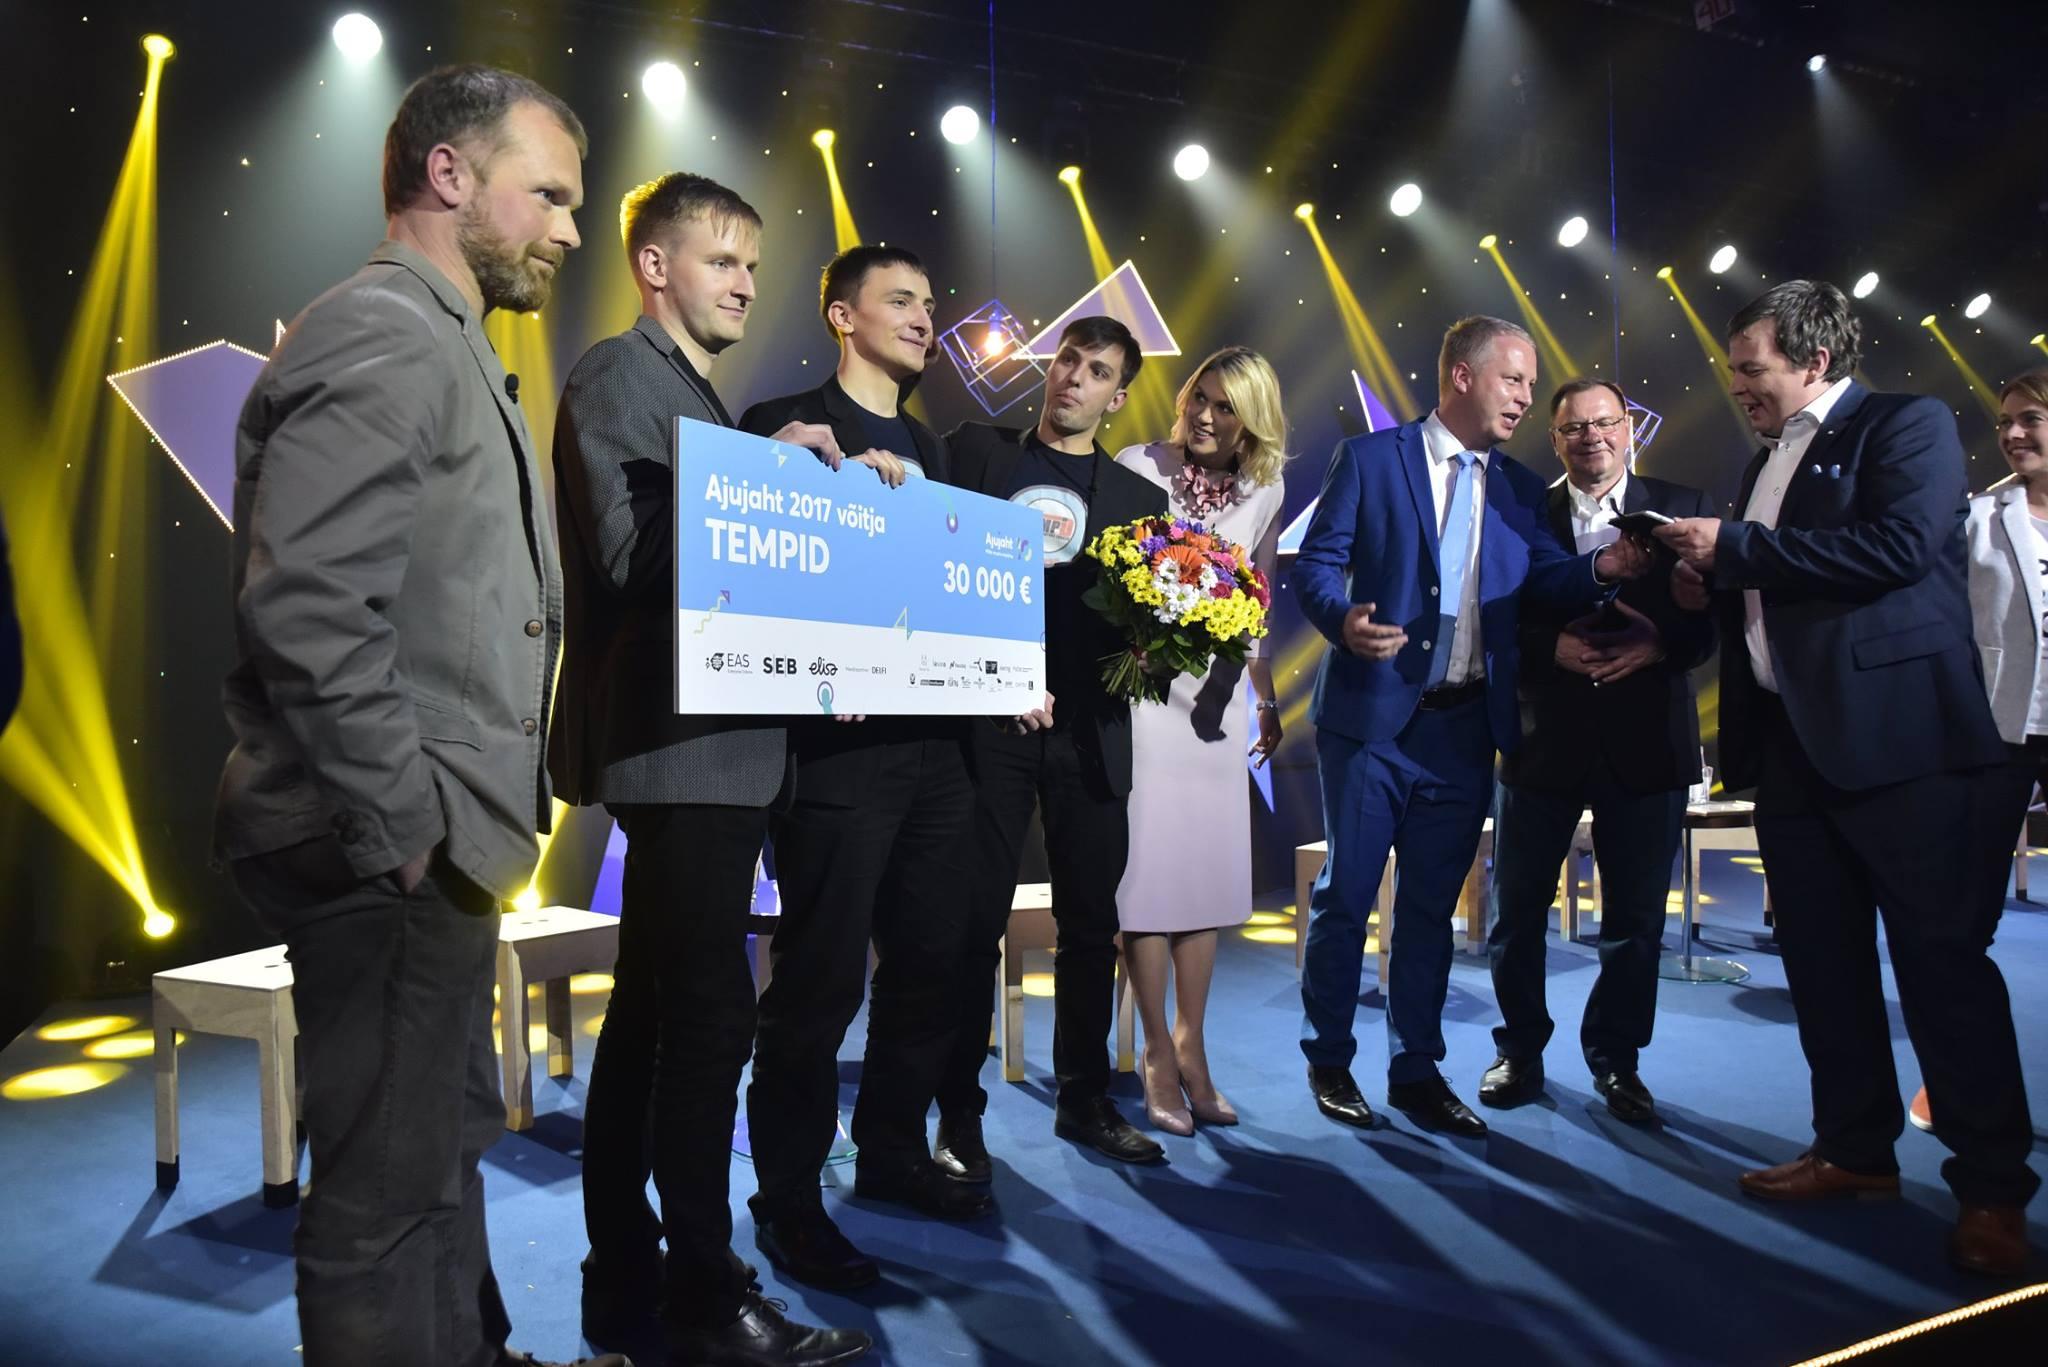 Võistlema 60 000-eurose auhinnafondi nimel! Ajujaht ootab ideid